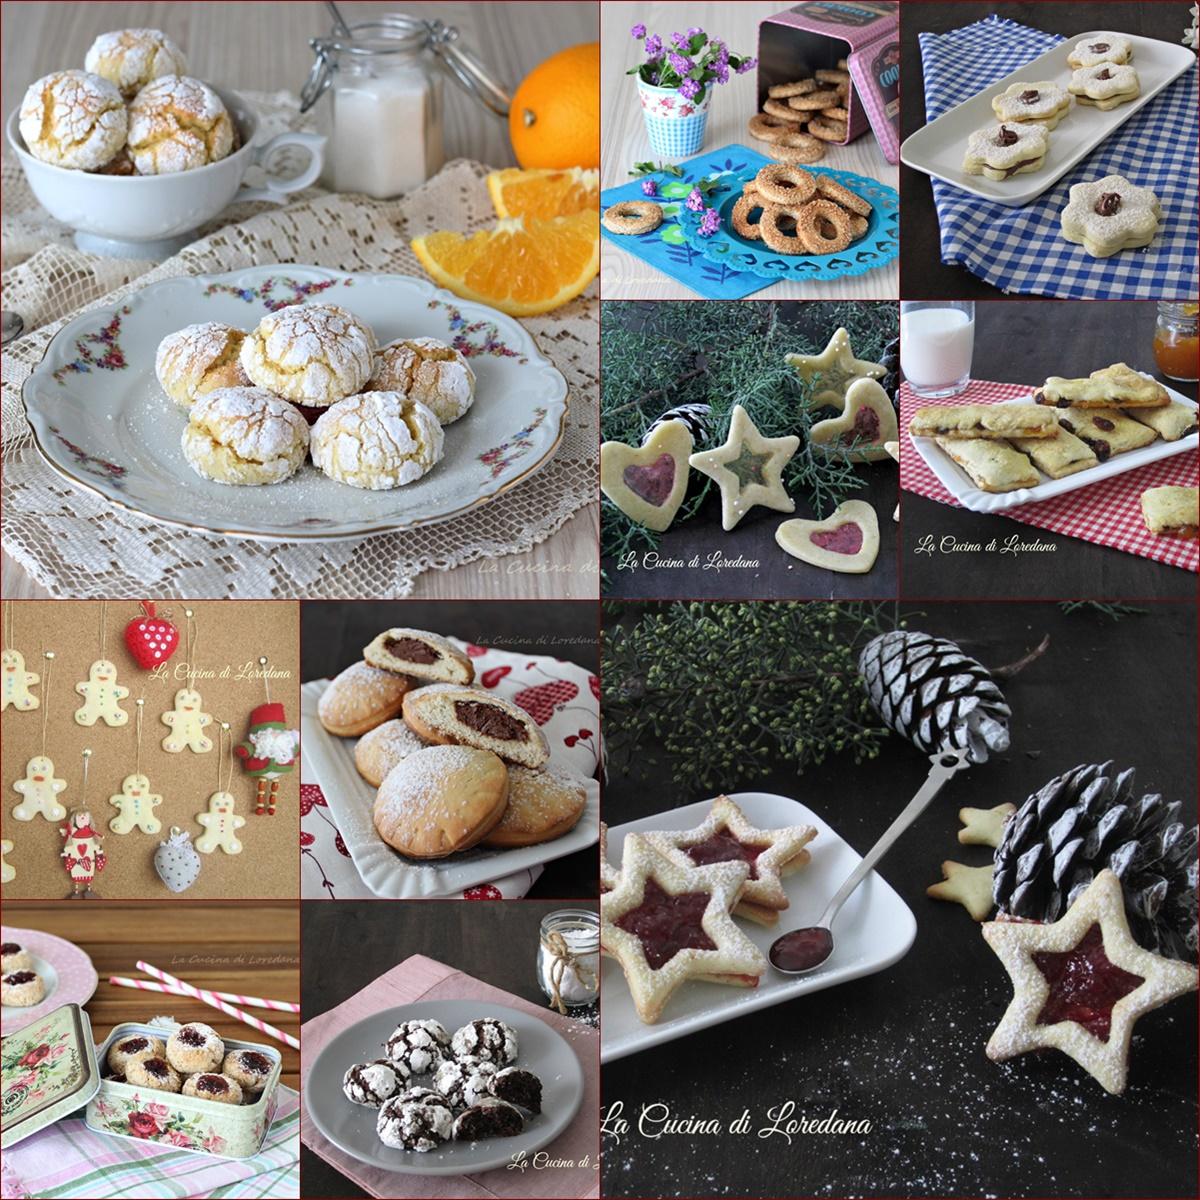 Biscotti Di Natale Ricette Giallo Zafferano.Ricette Di Biscotti Per Natale Tante Semplici E Deliziose Idee